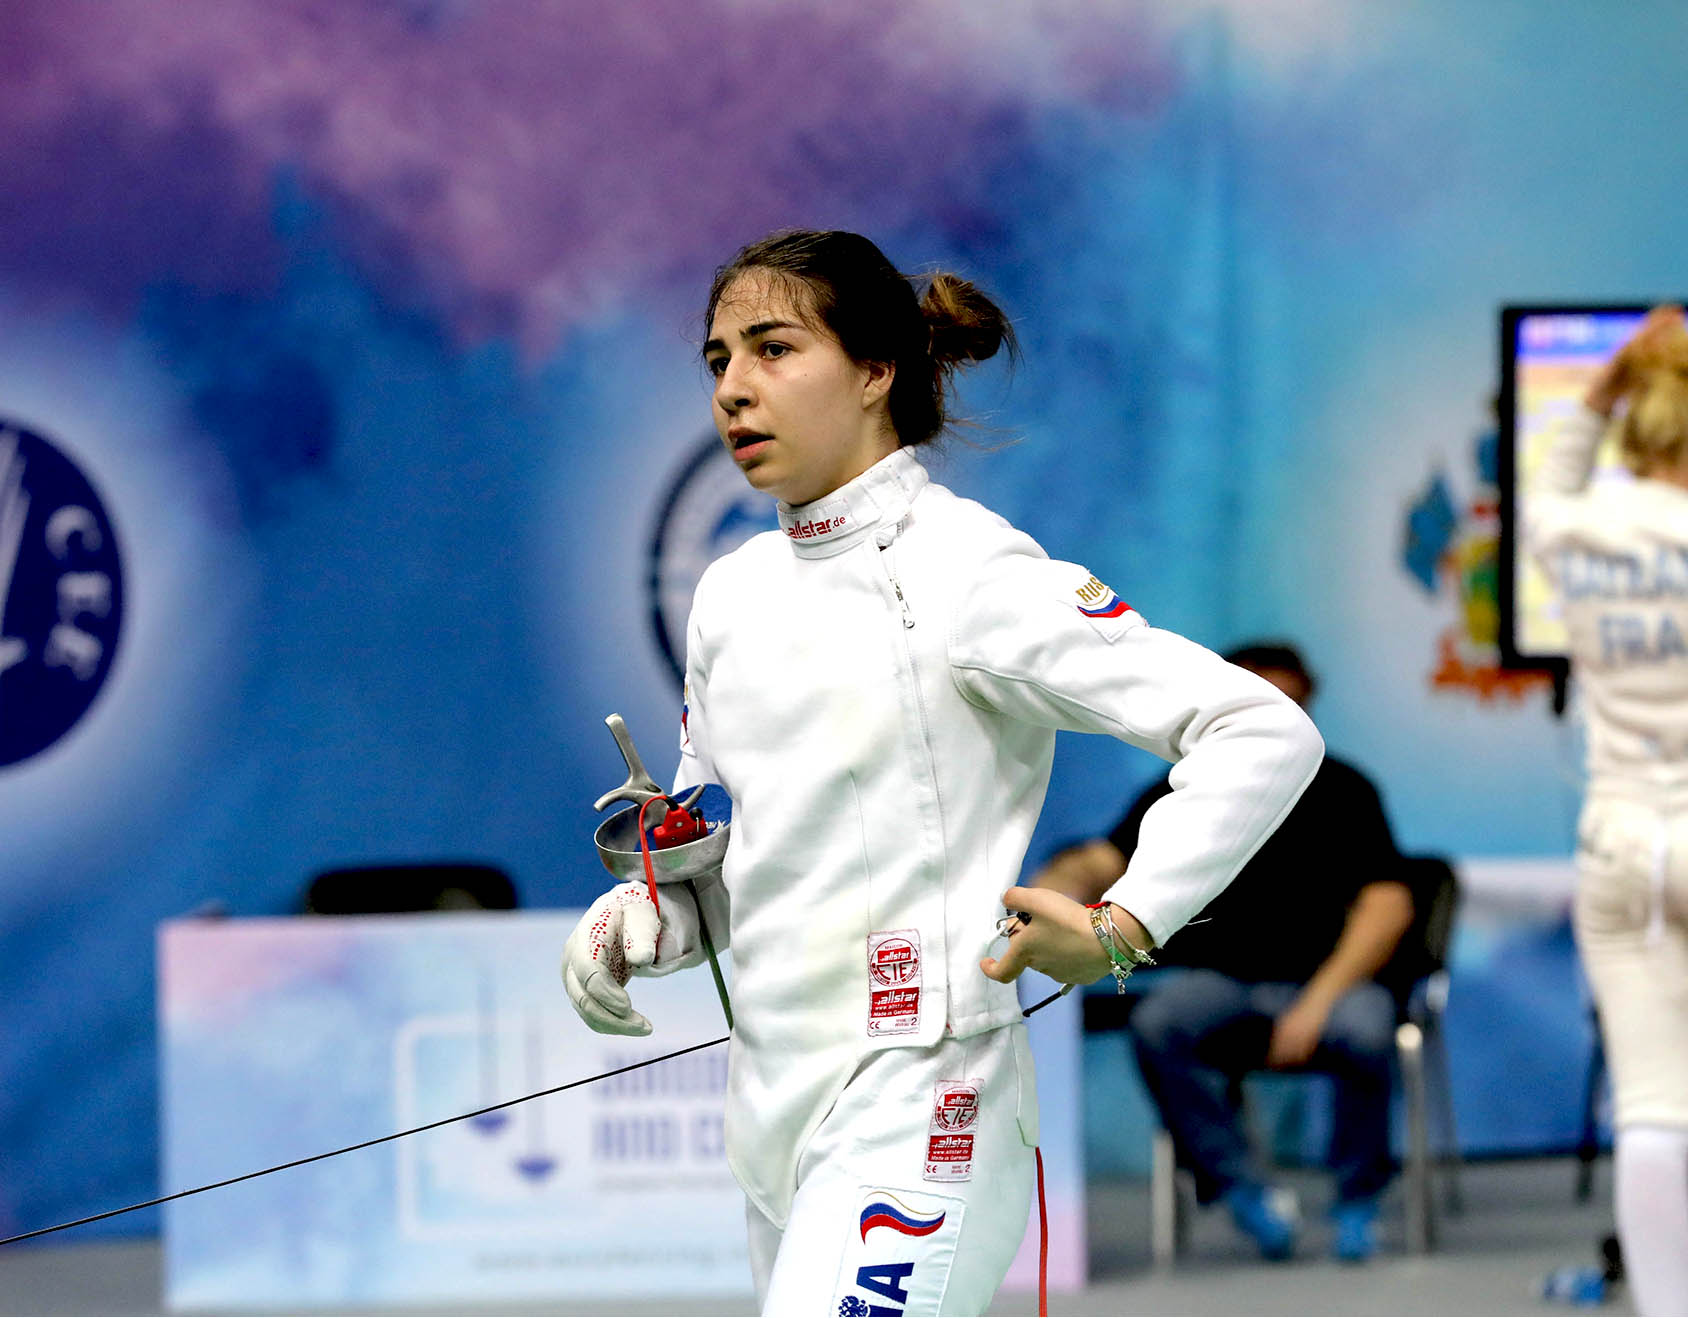 Шпажистка Марина Кесаева стала чемпионкой России в составе команды Московской области